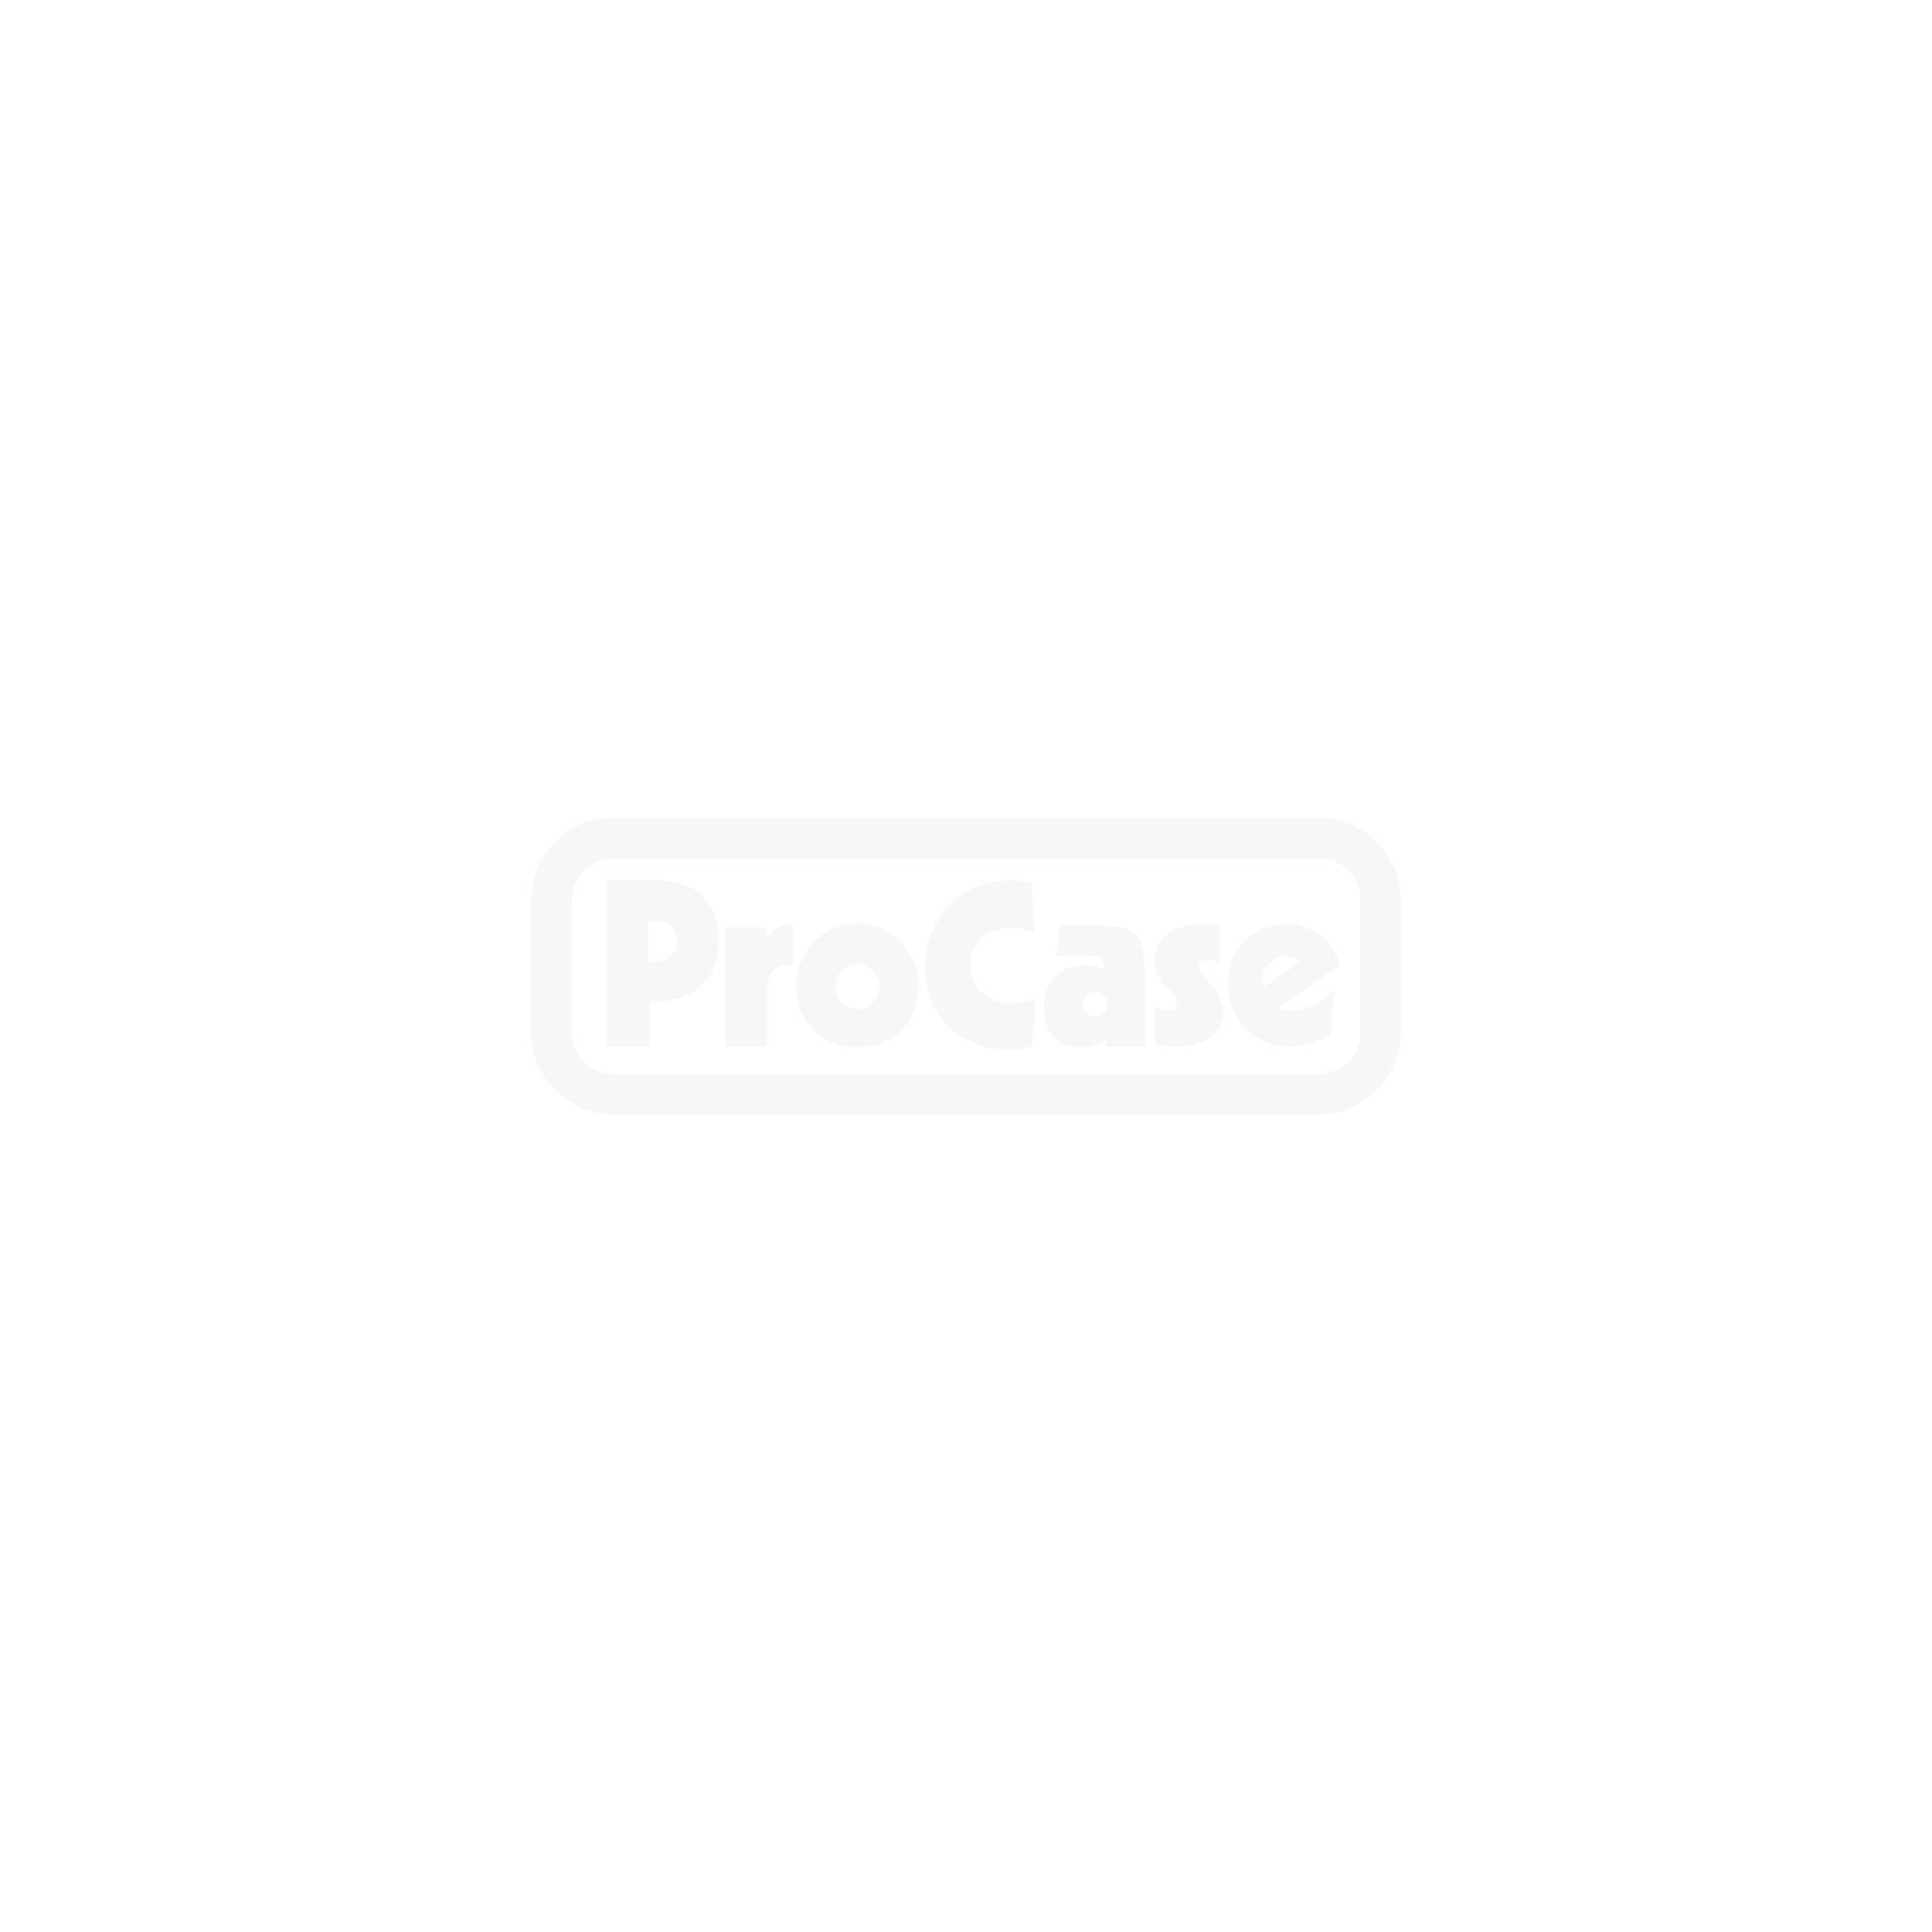 Packcase 7 für Pistolen 2